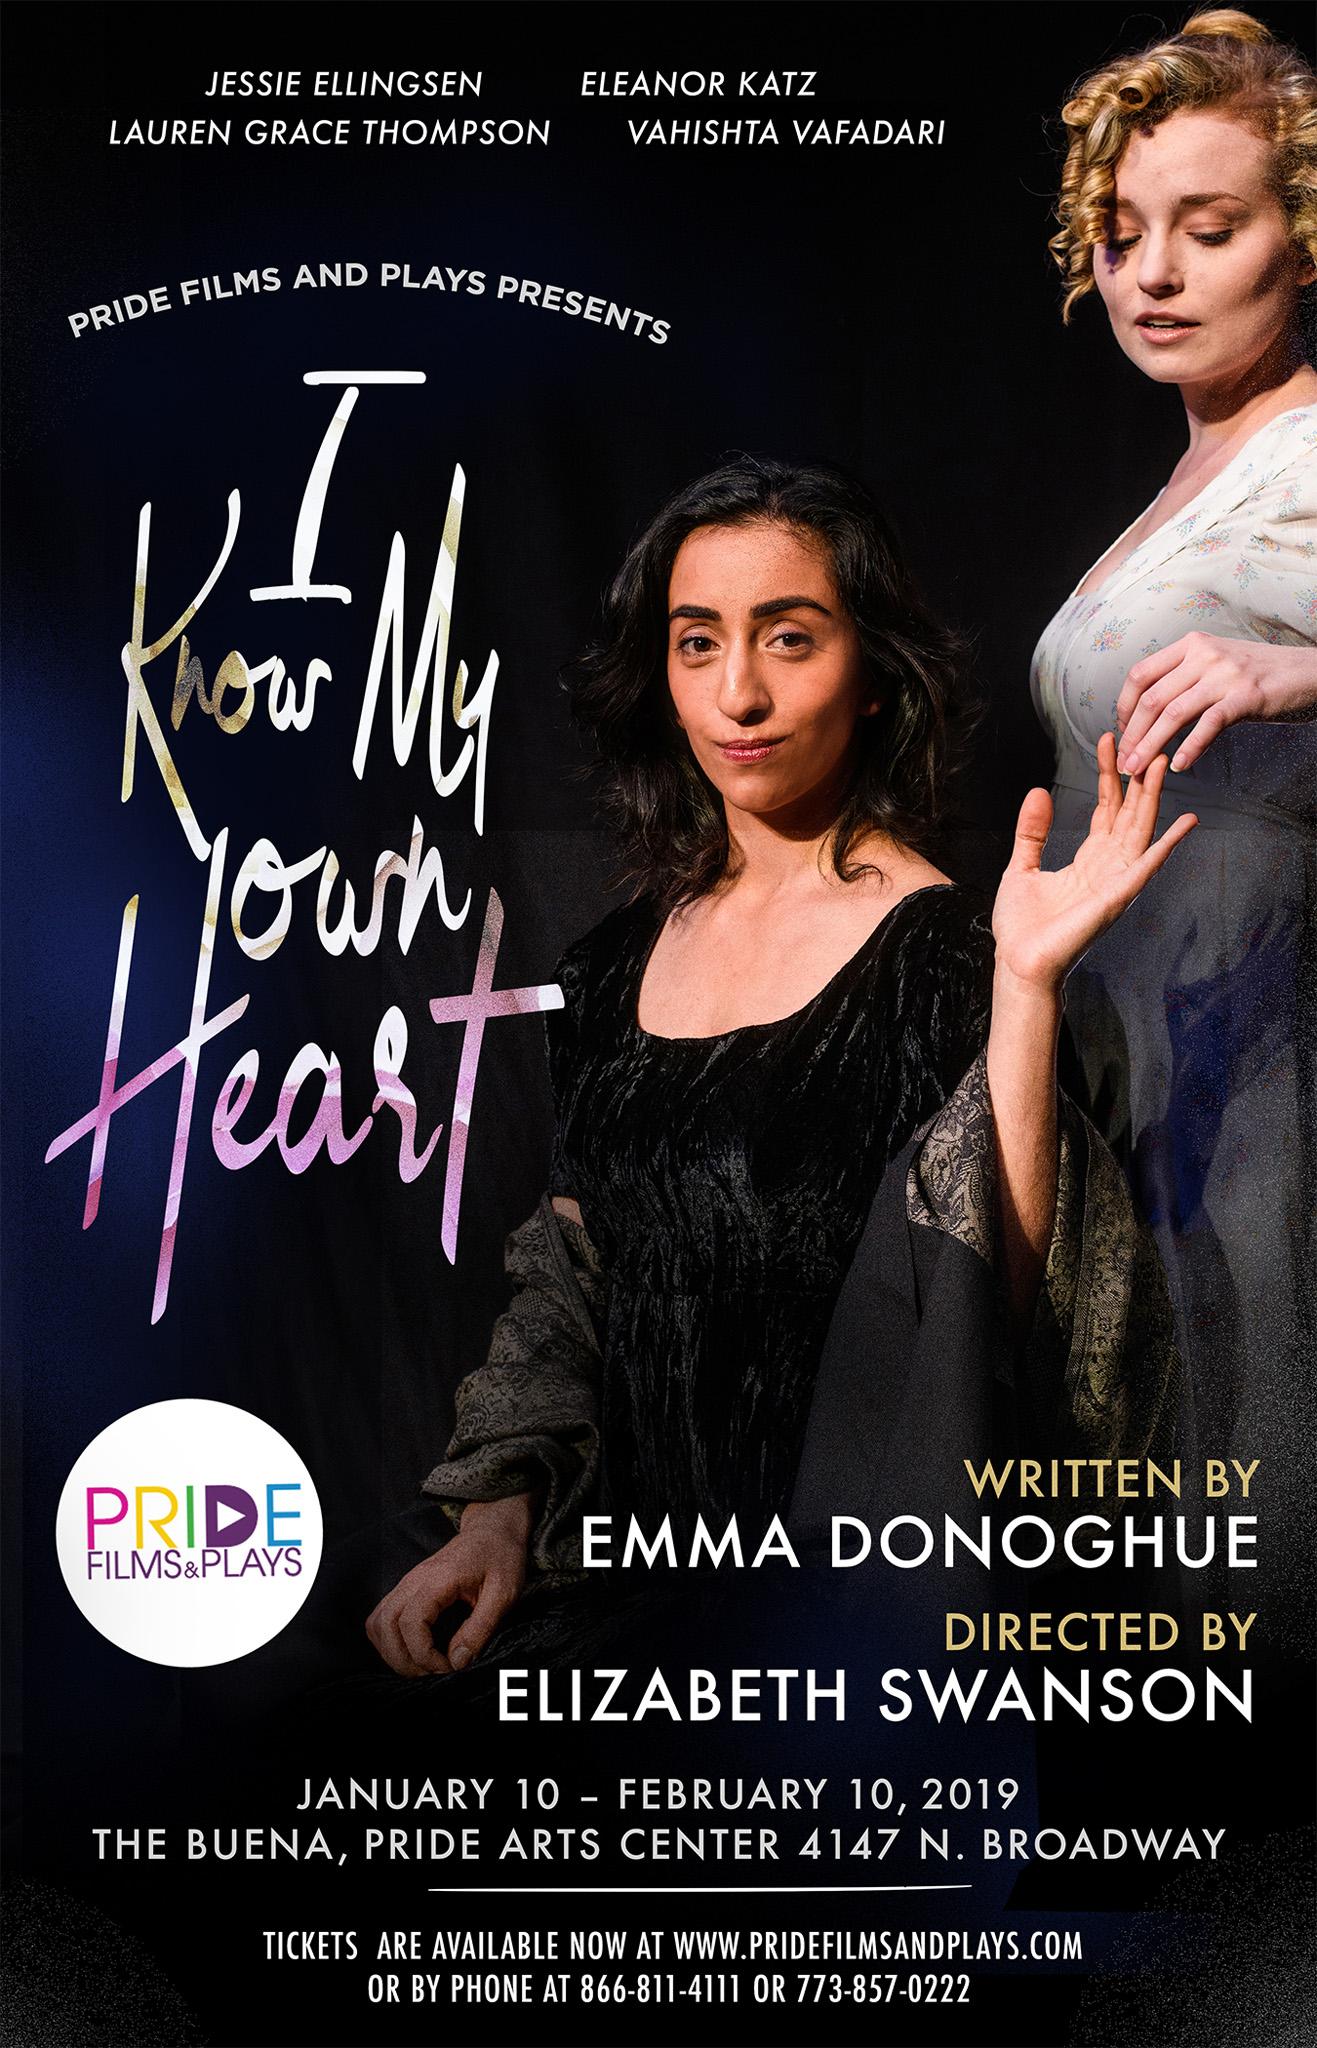 Featuring Vahishta Vafadari & Lauren Grace Thompson